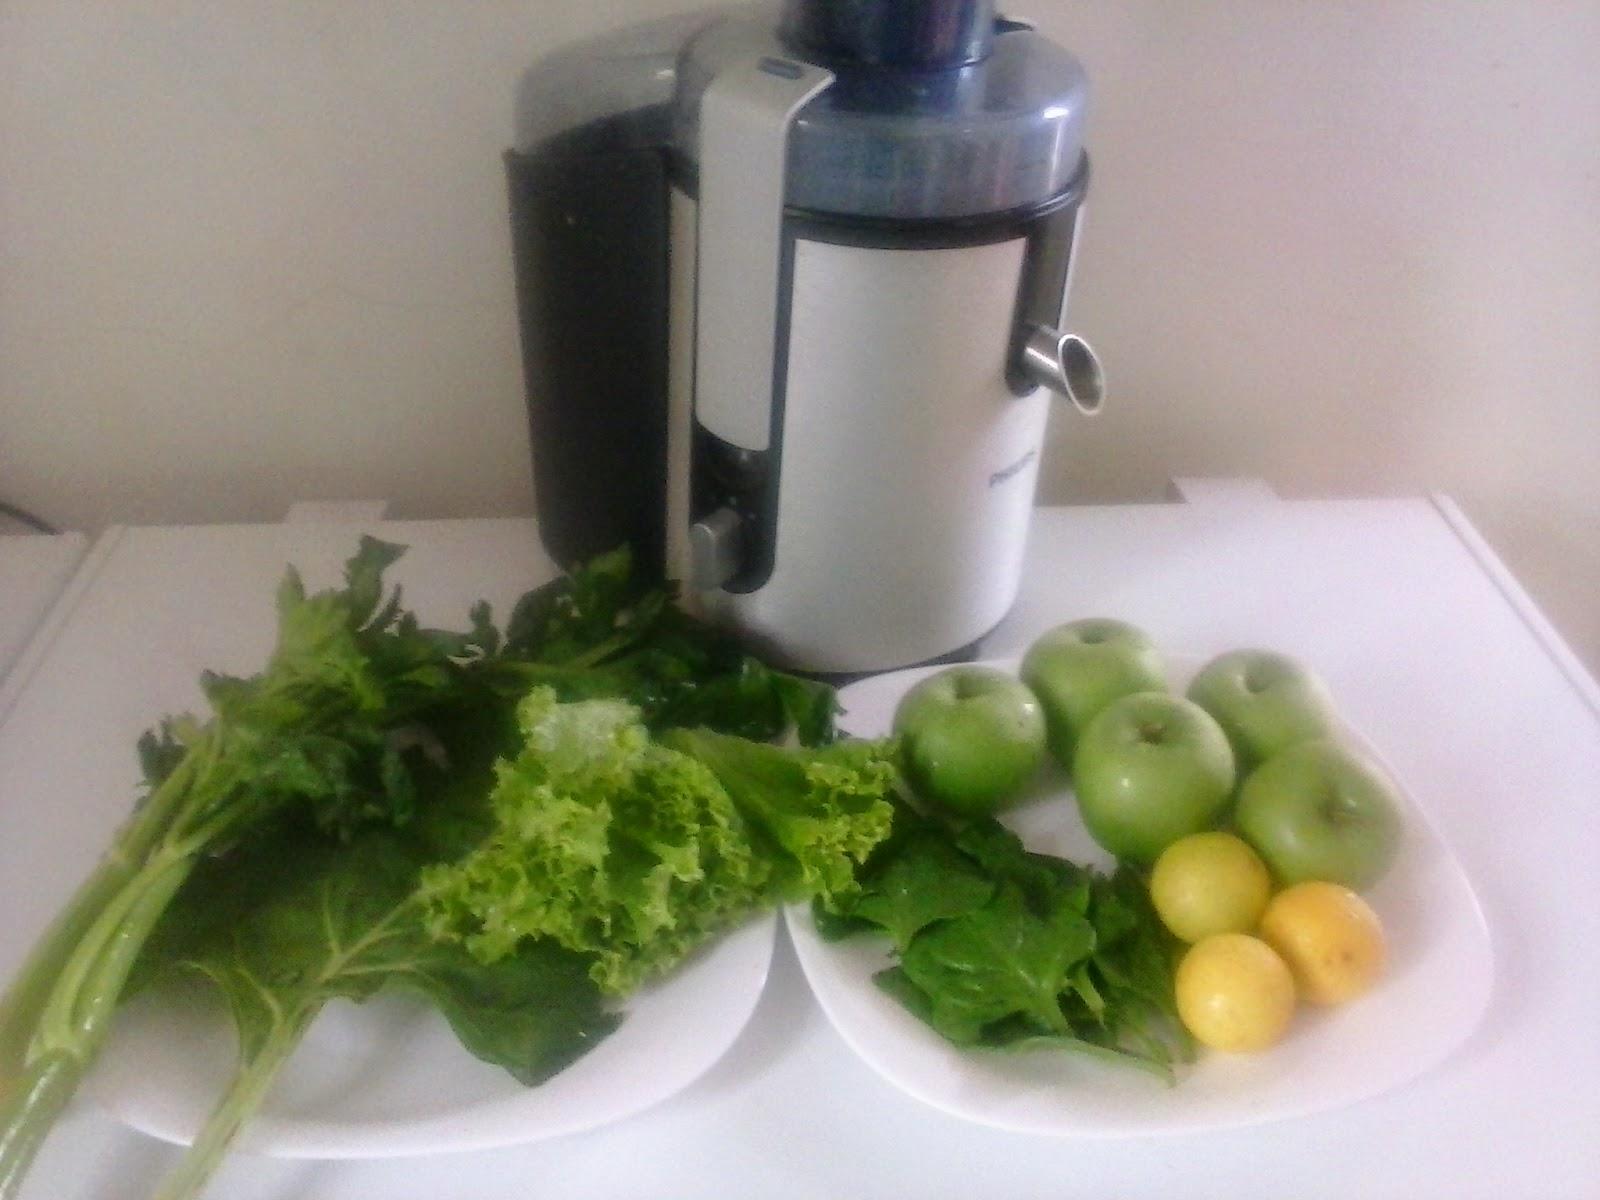 Por supuesto productos de alcachofa para bajar de peso vital consumir alcohol